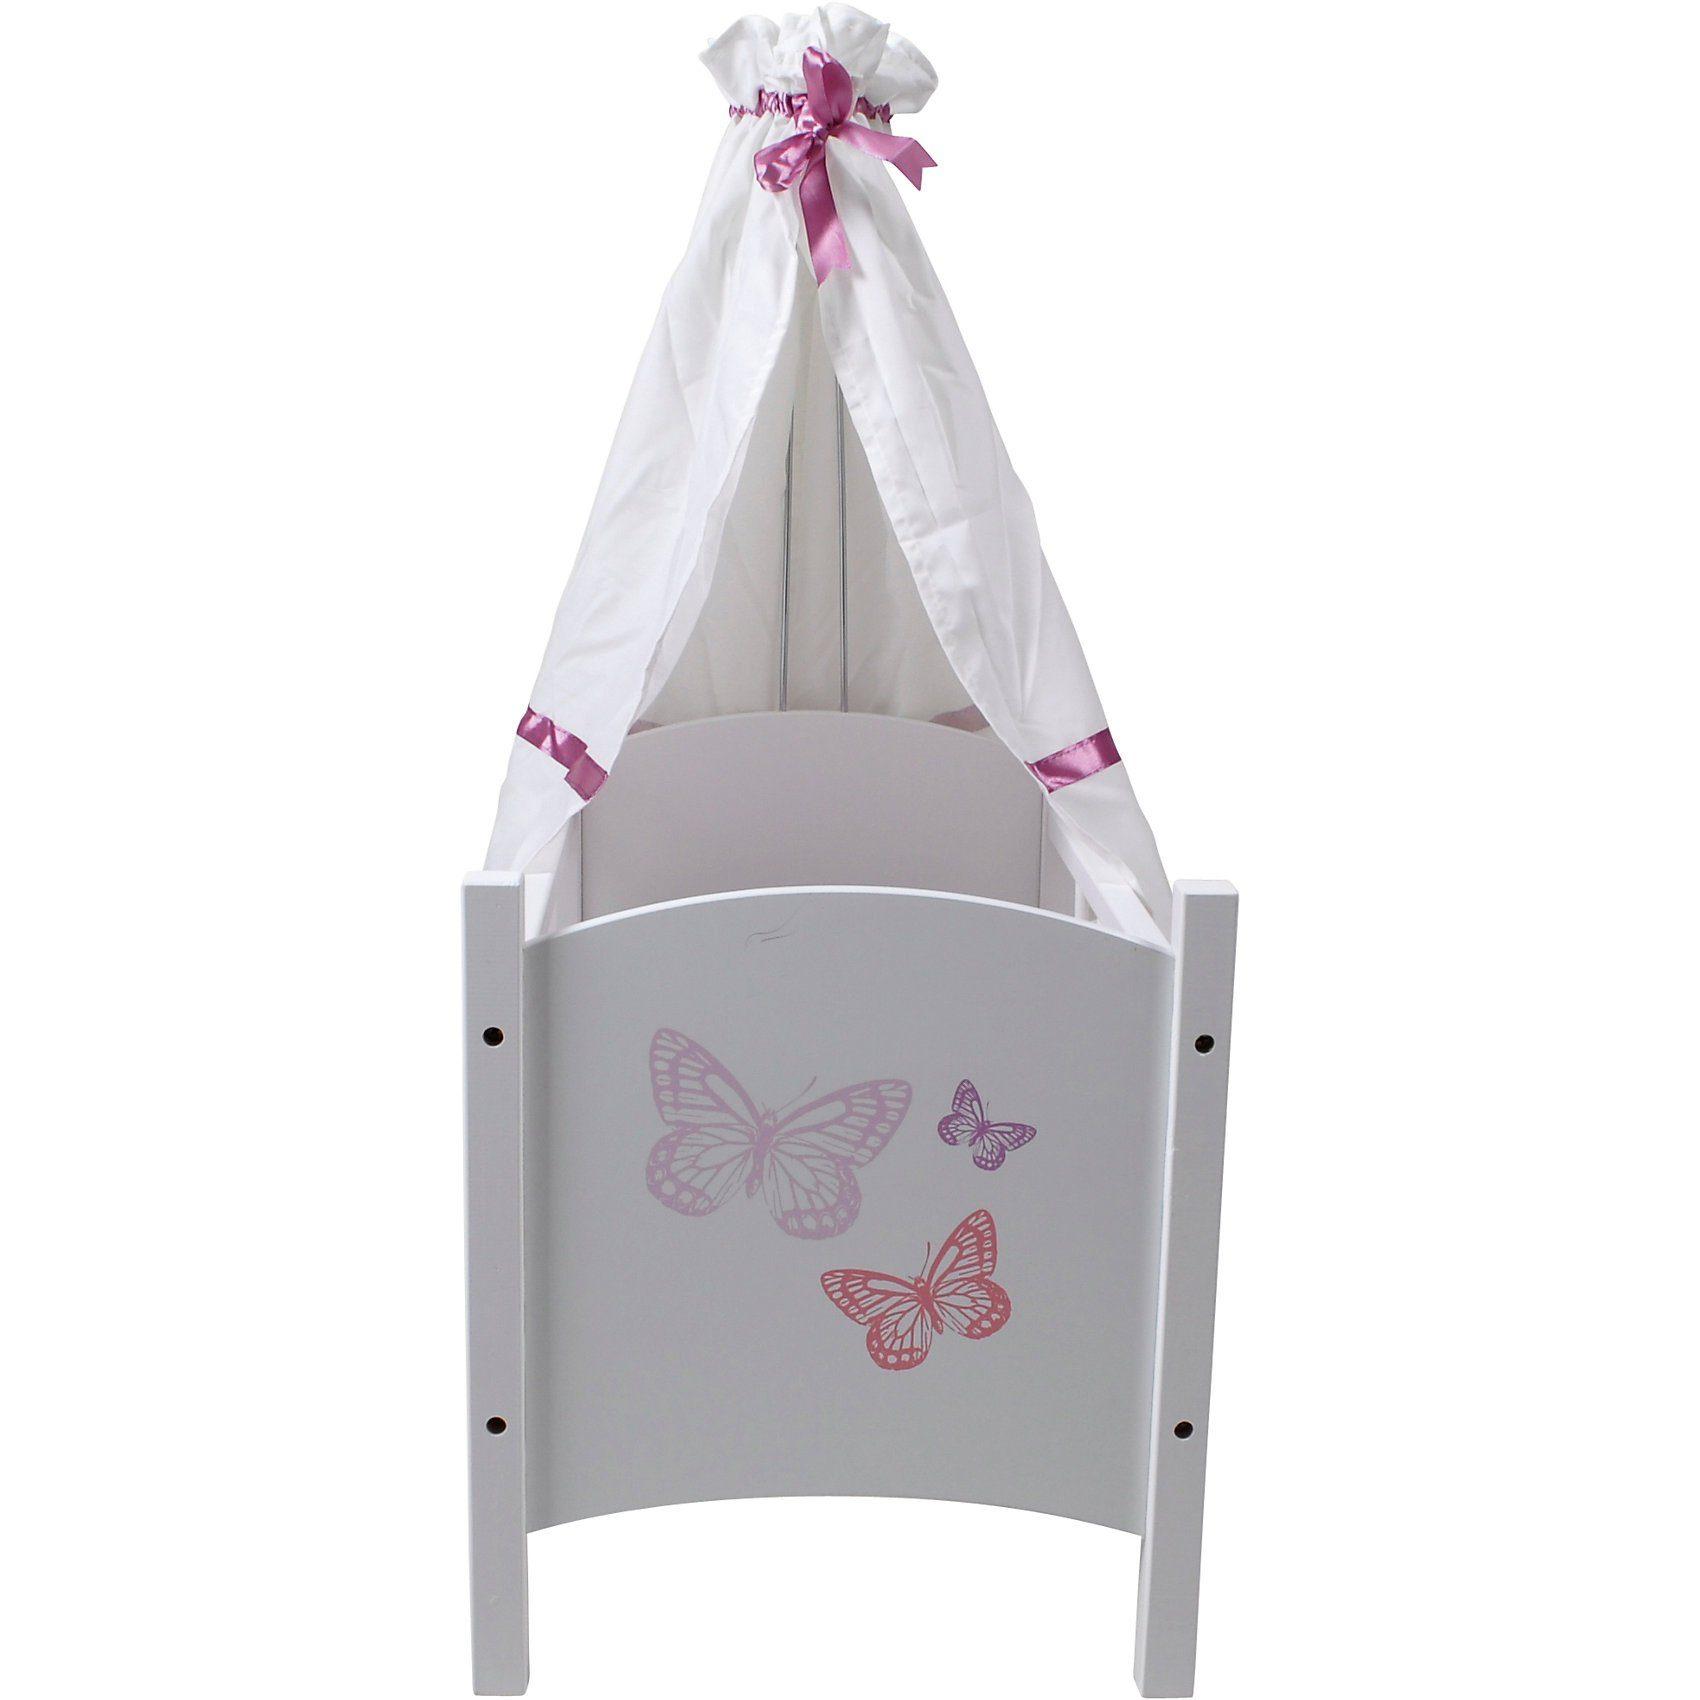 KNORRTOYS.COM Exklusiv Puppenbett mit Himmel, Schmetterling weiß